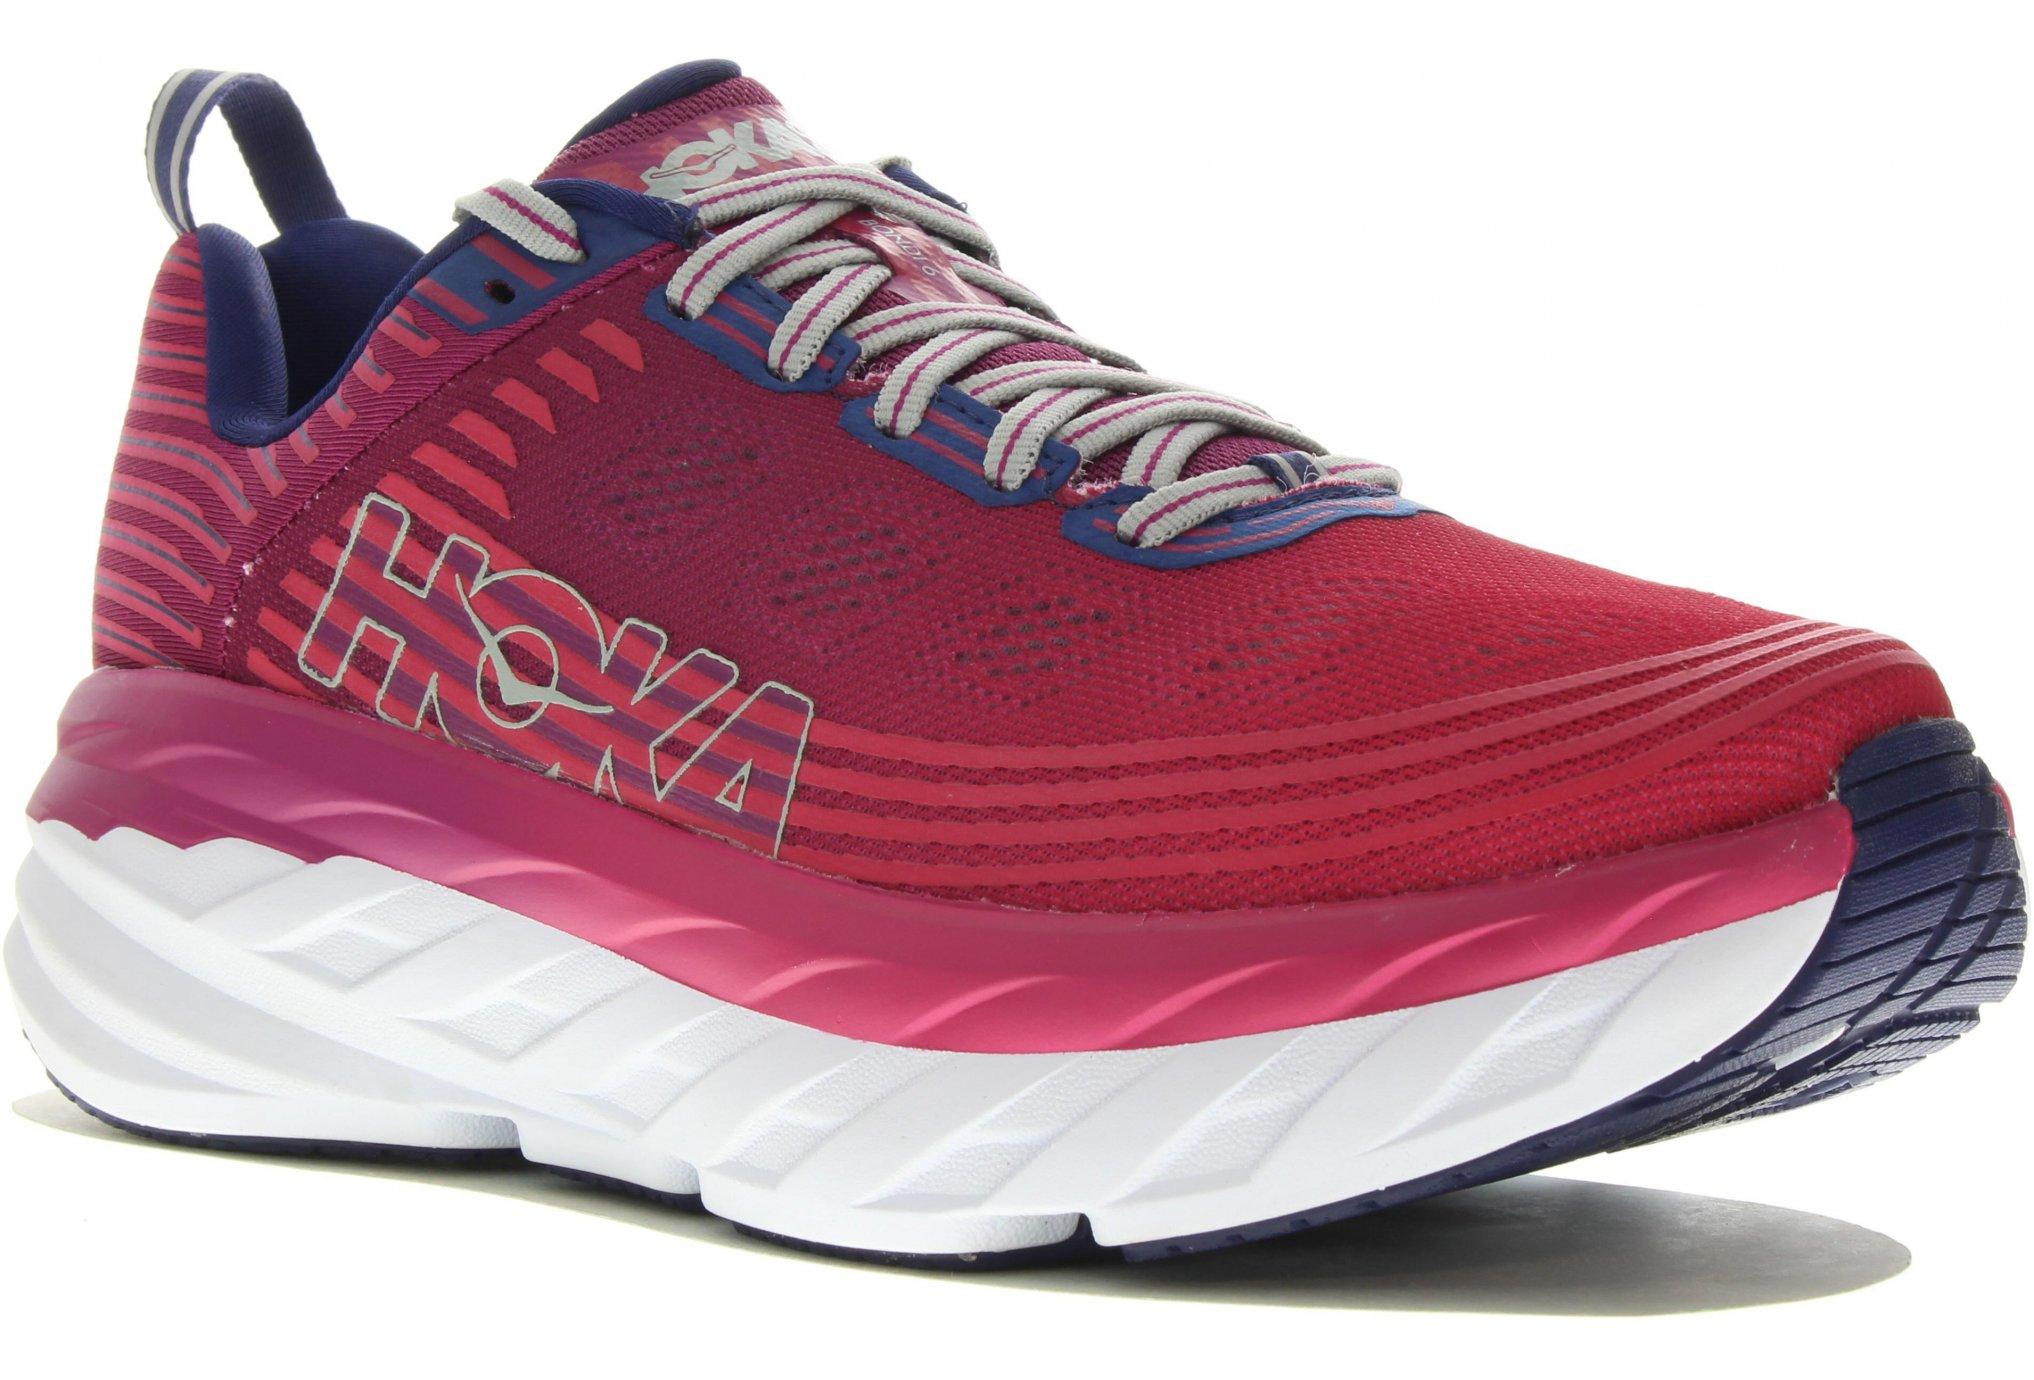 Hoka One one bondi 6 w chaussures running femme